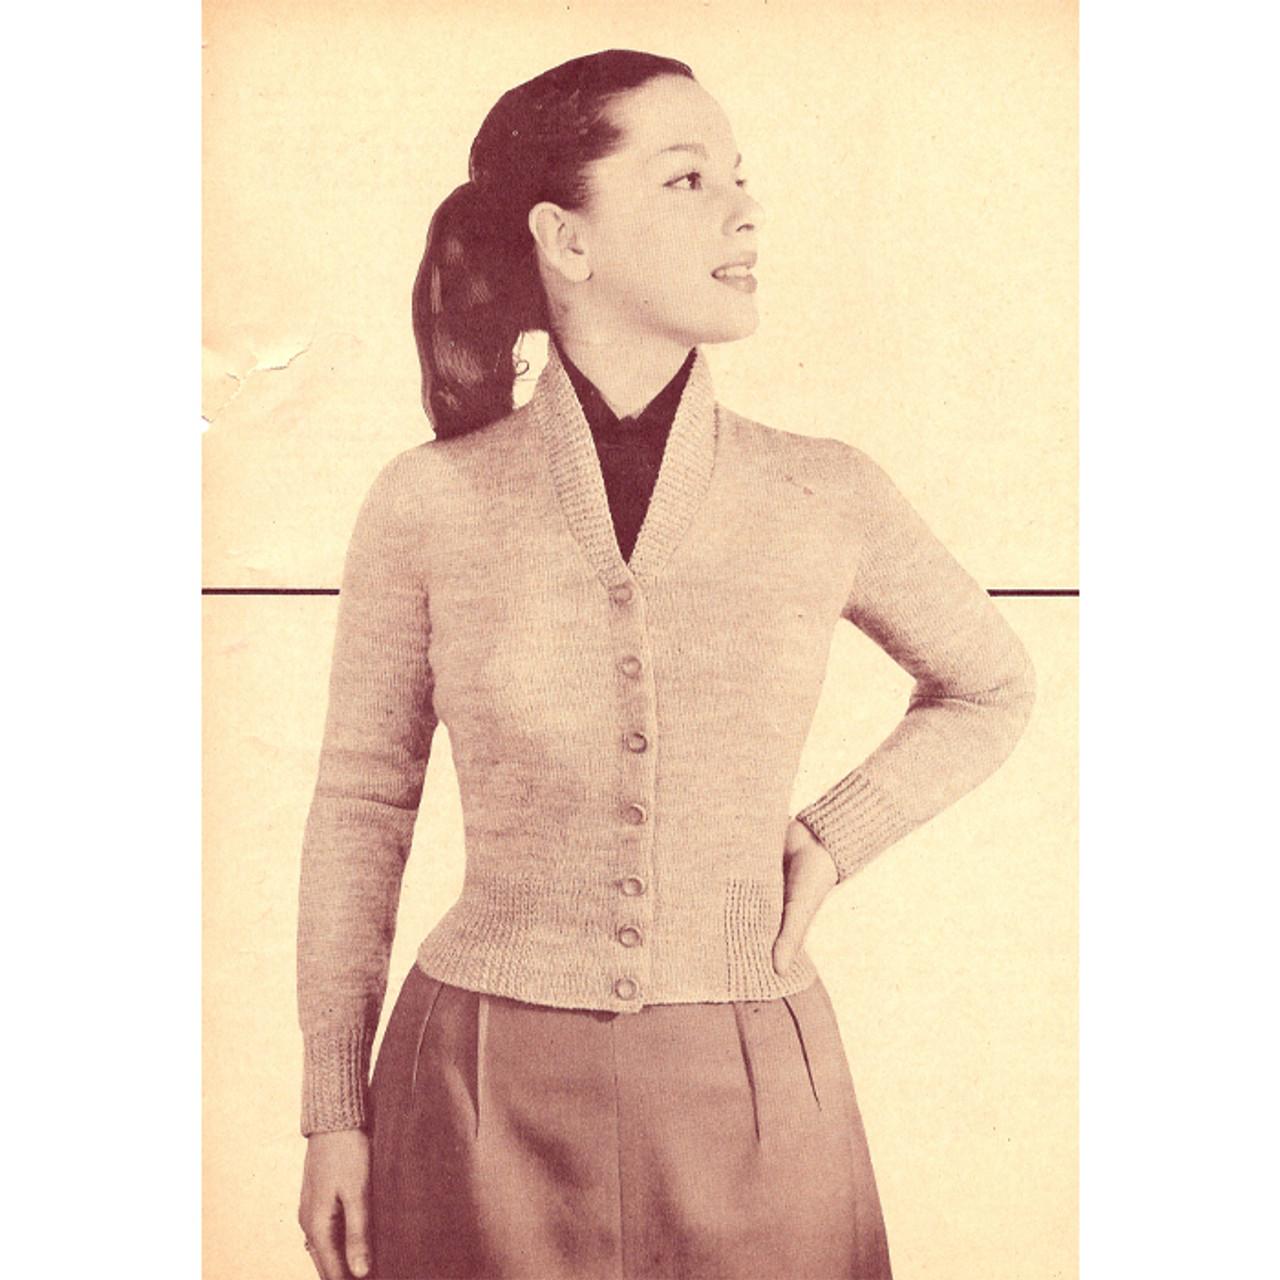 V-Neck Knitted Cardigan Pattern, Vintage 1950s